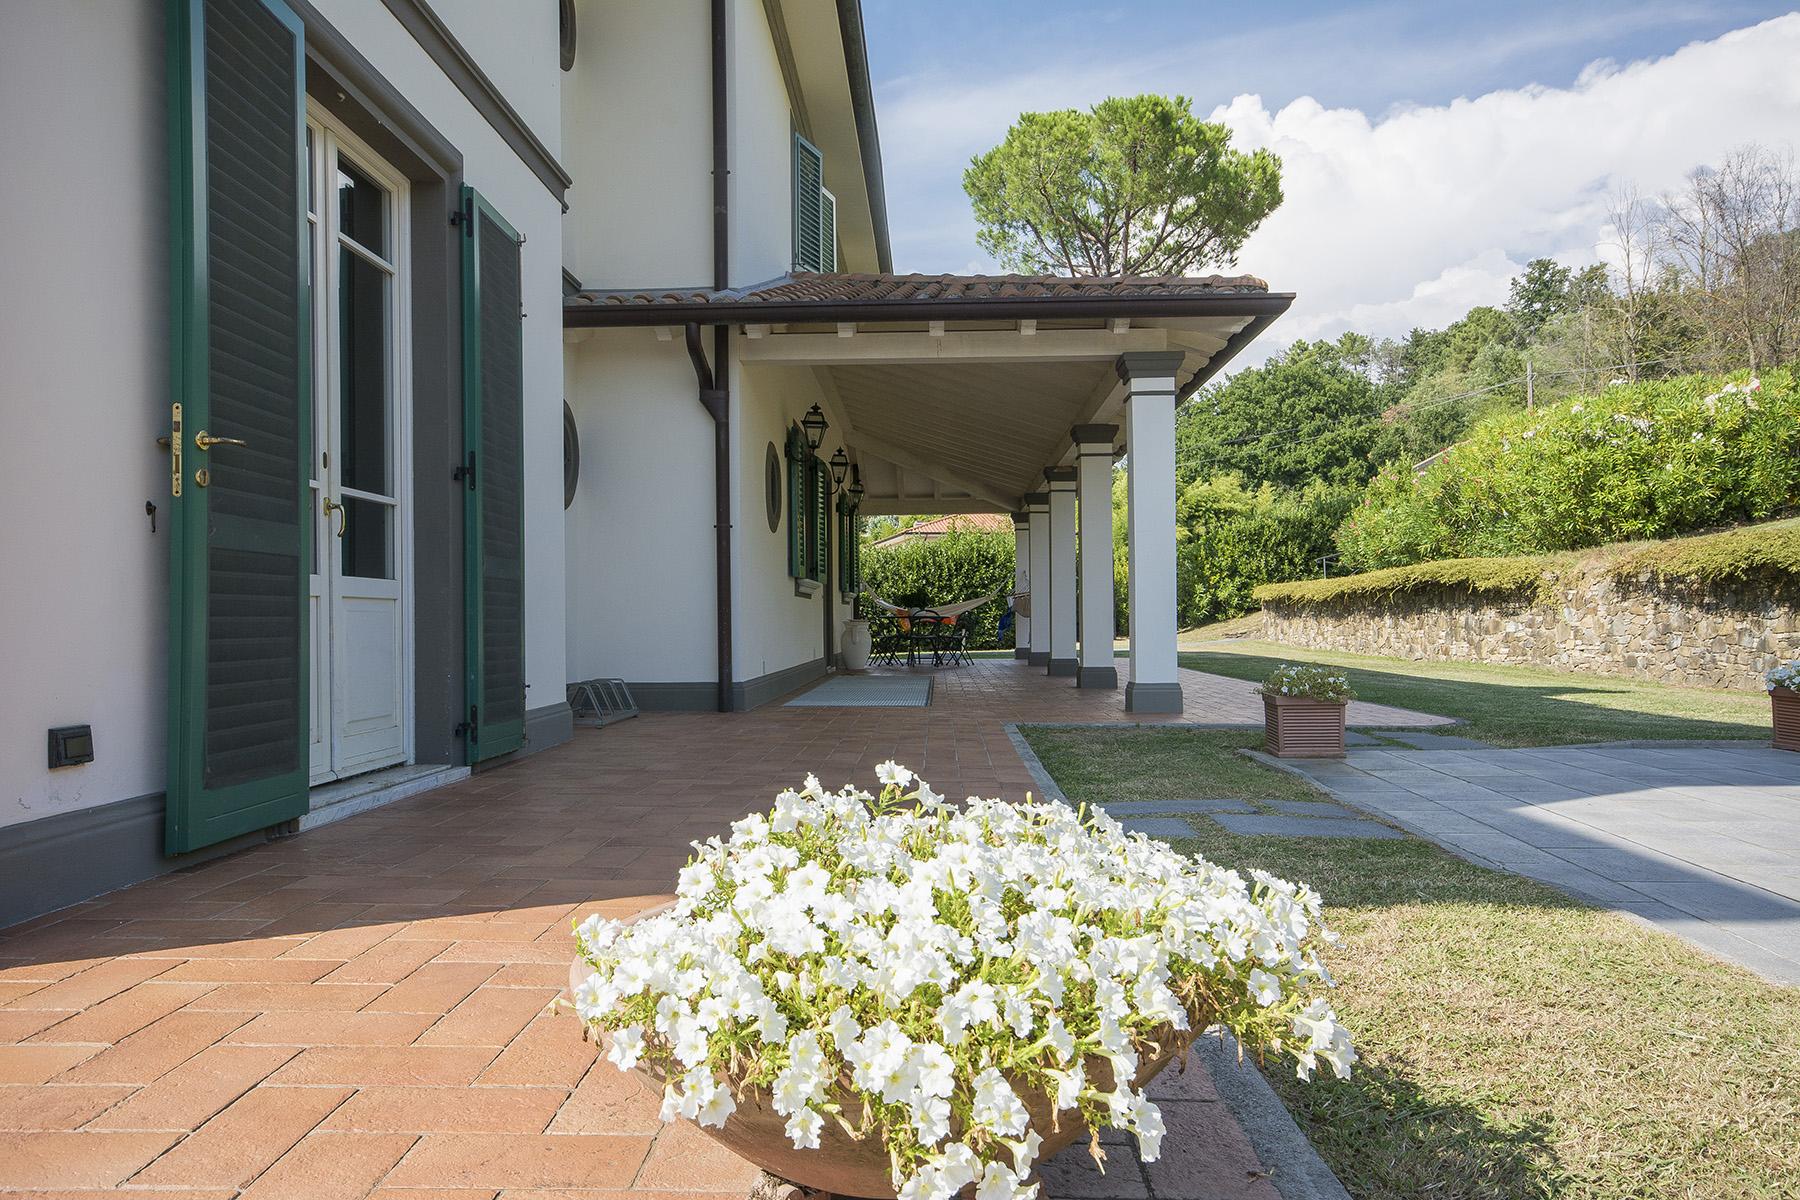 Casa indipendente in Vendita a Lucca: 5 locali, 300 mq - Foto 24